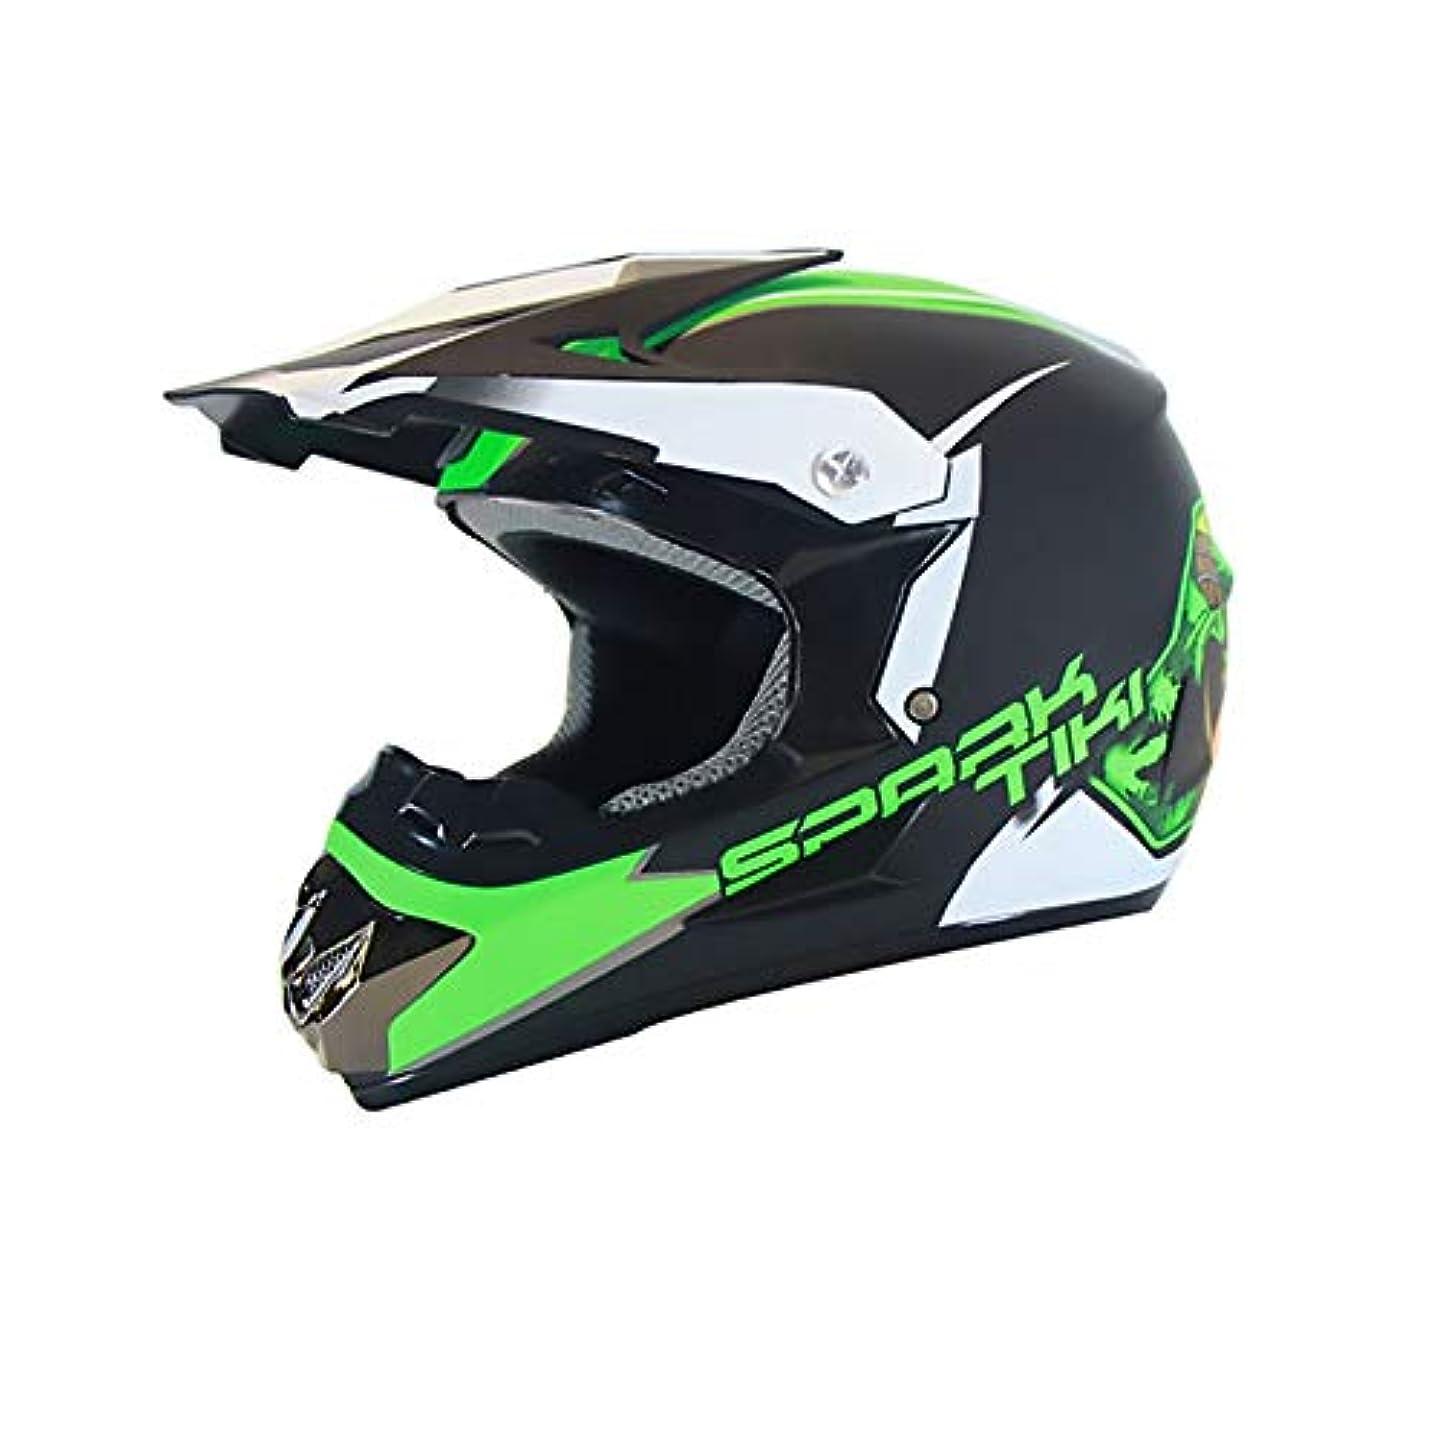 ファンドくるみ耕すSafety 大人の一般的な山オフロード機関車レーシングヘルメット四季ユニバーサル通気性フルヘルメットモトクロスヘルメット